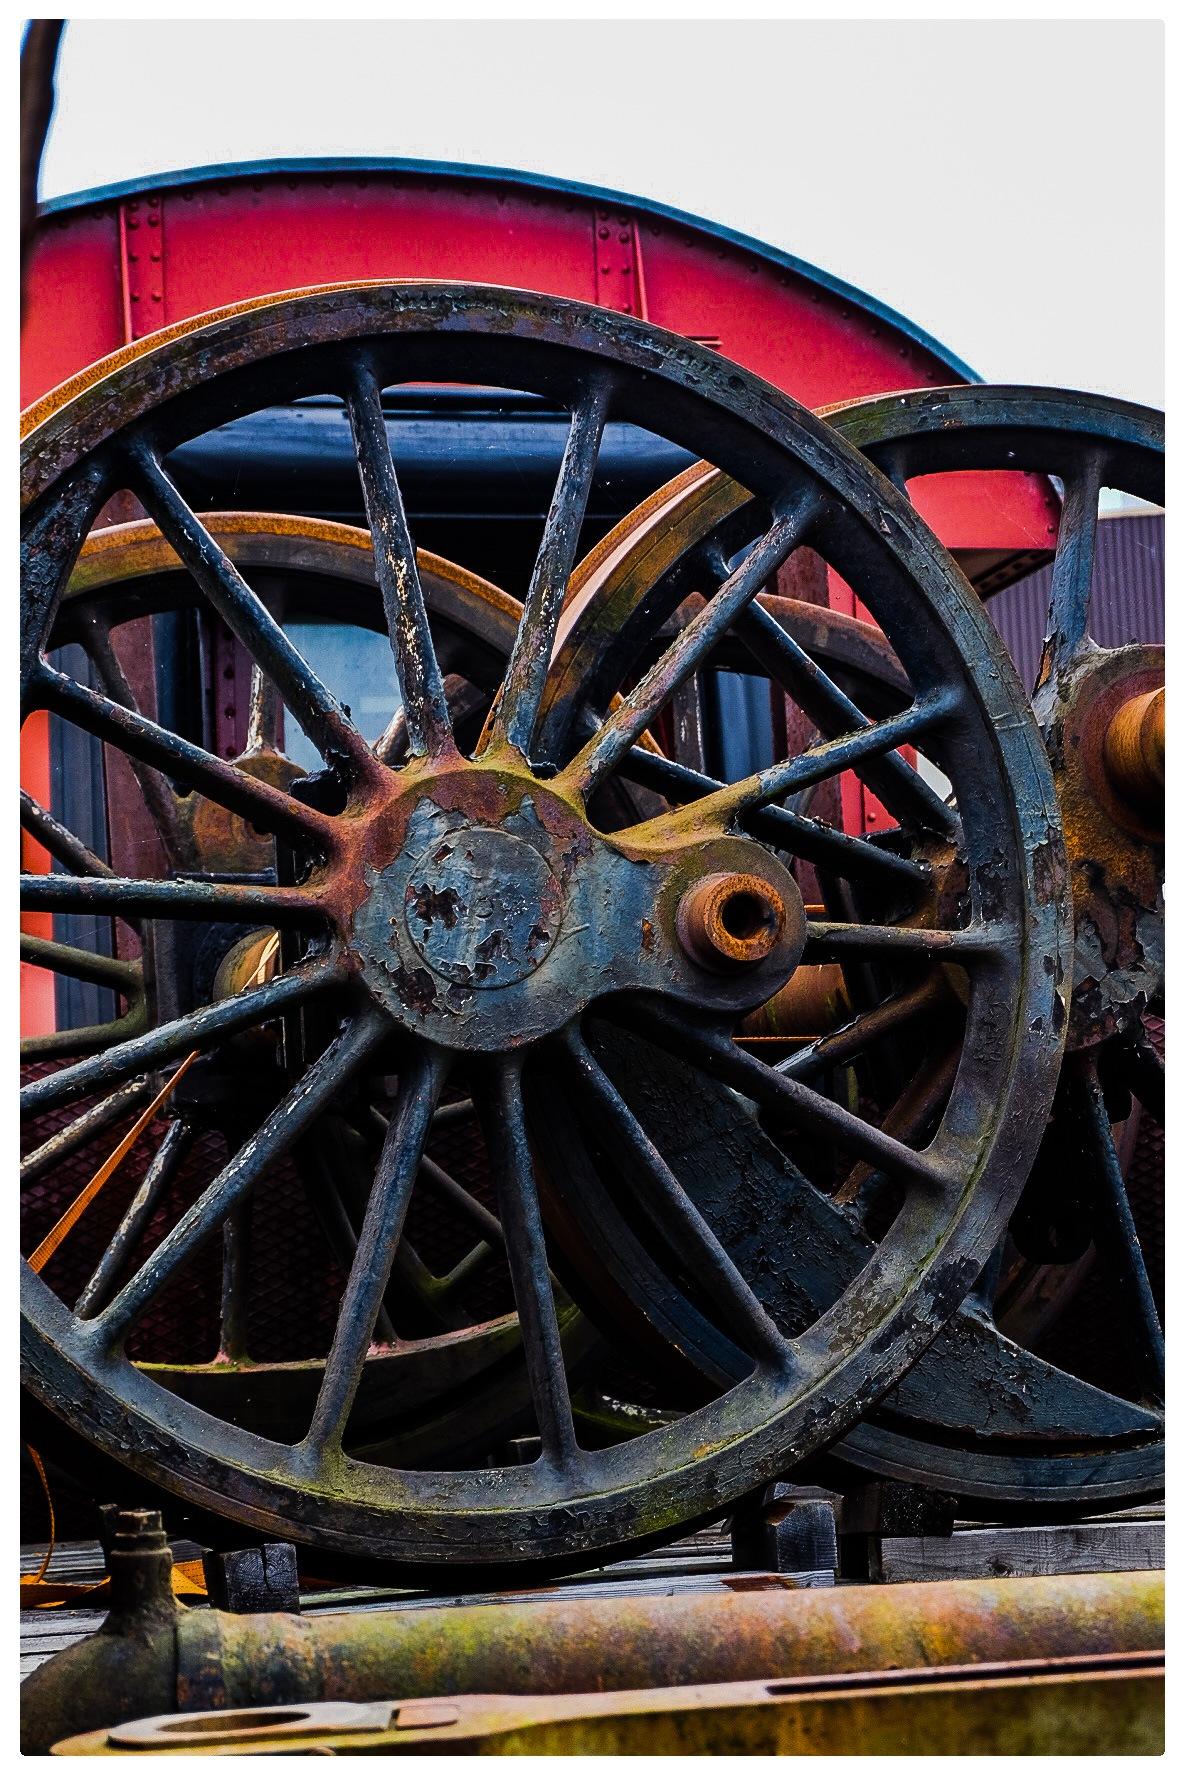 Train by Hans Jansson